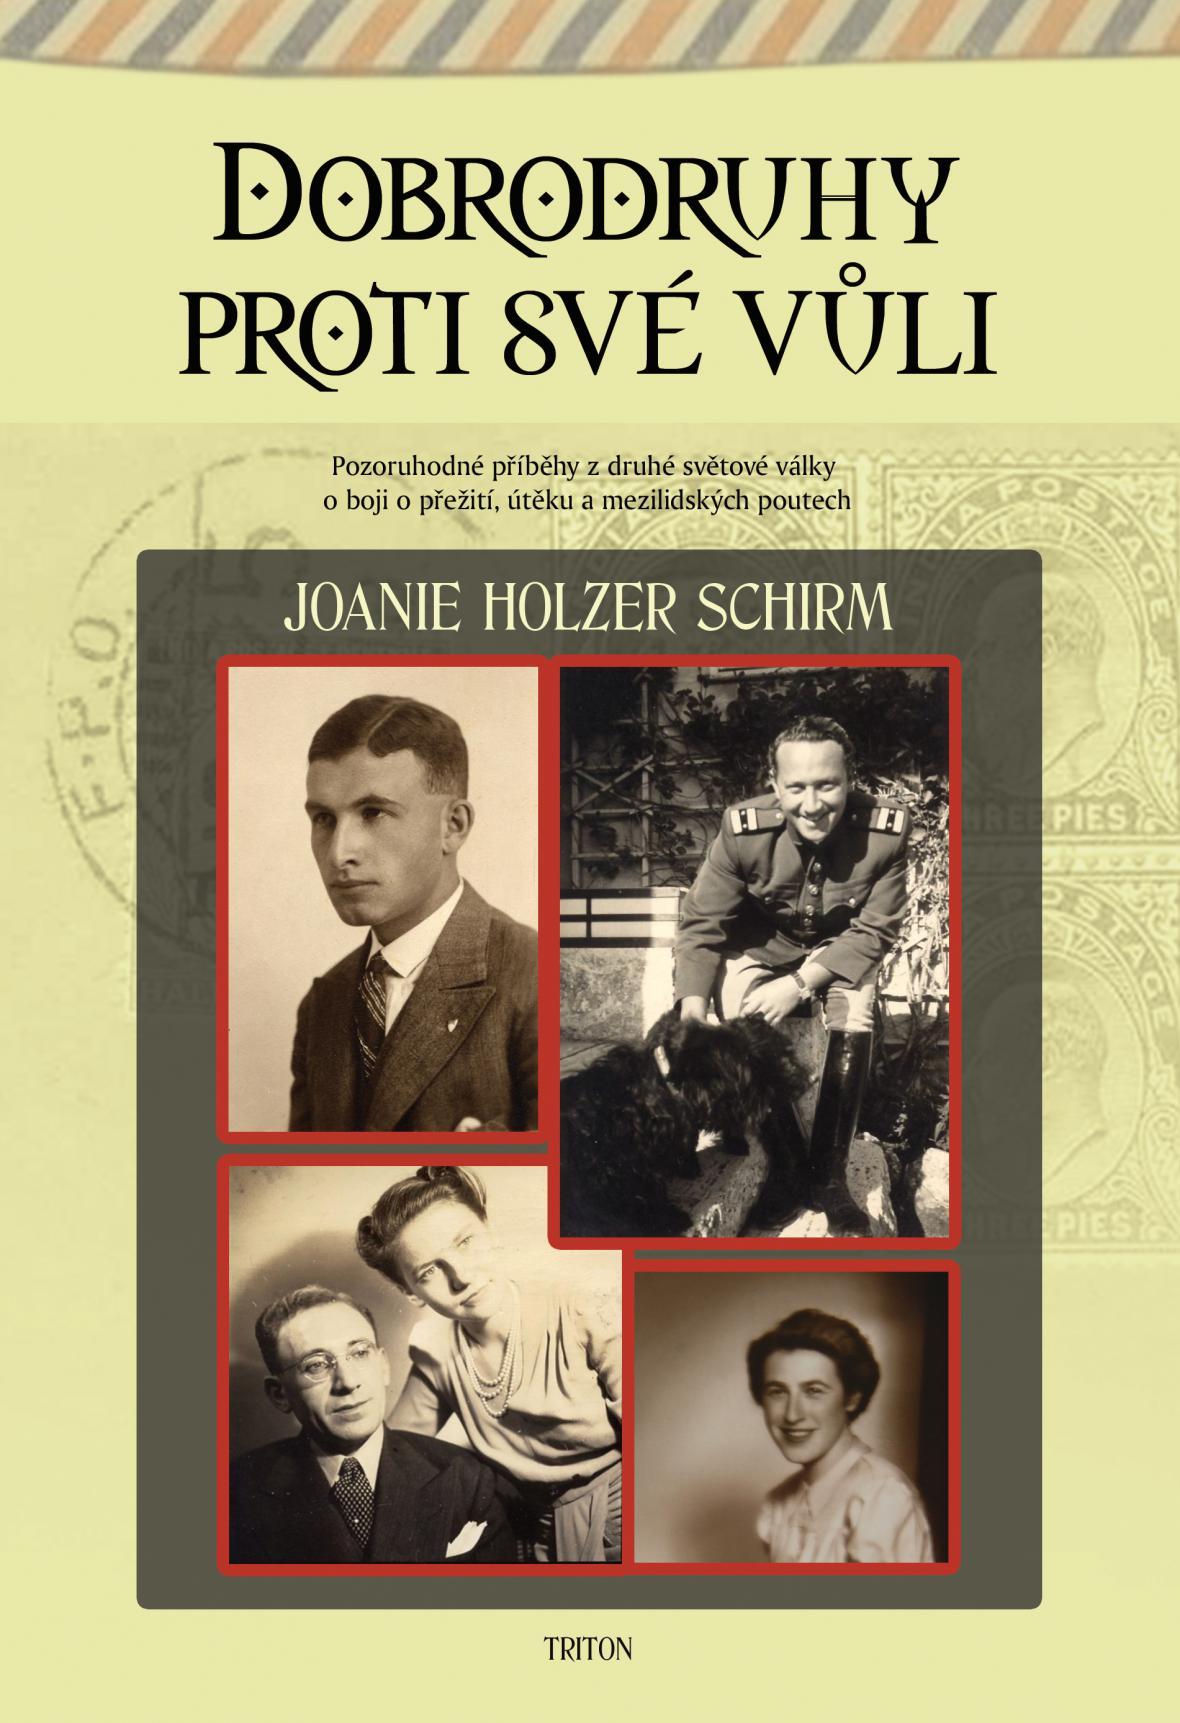 Dobrodruhy proti své vůli / Joanie Holzer Schirm